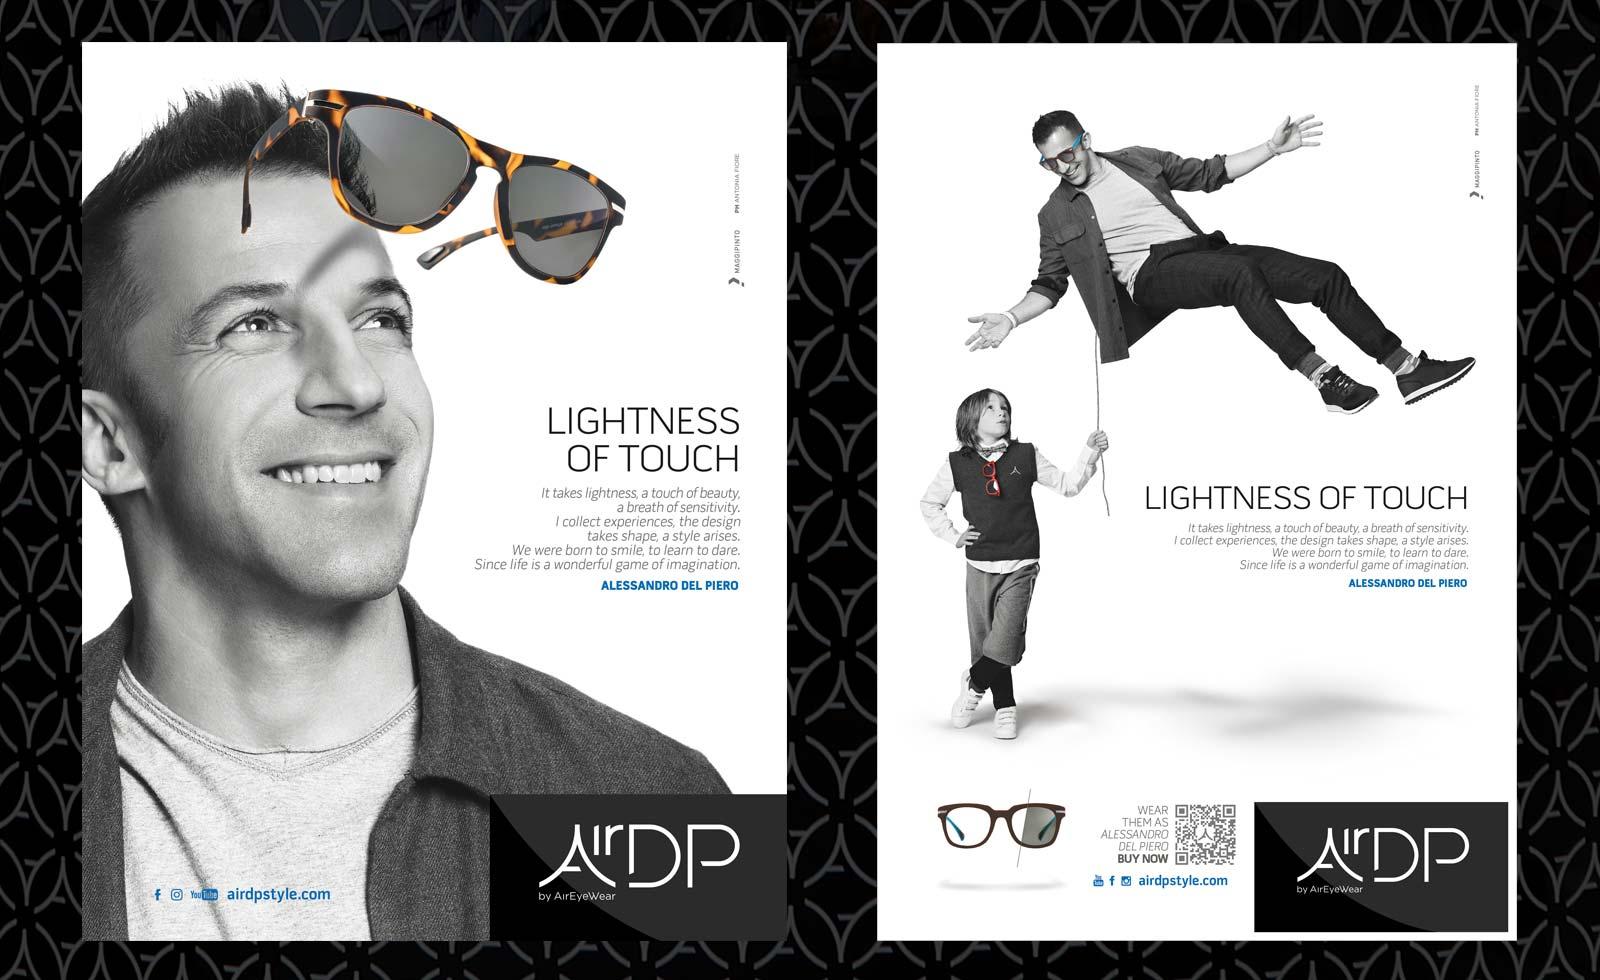 pubblicita maggipinto pitscheider airdp occhiali sunglasses